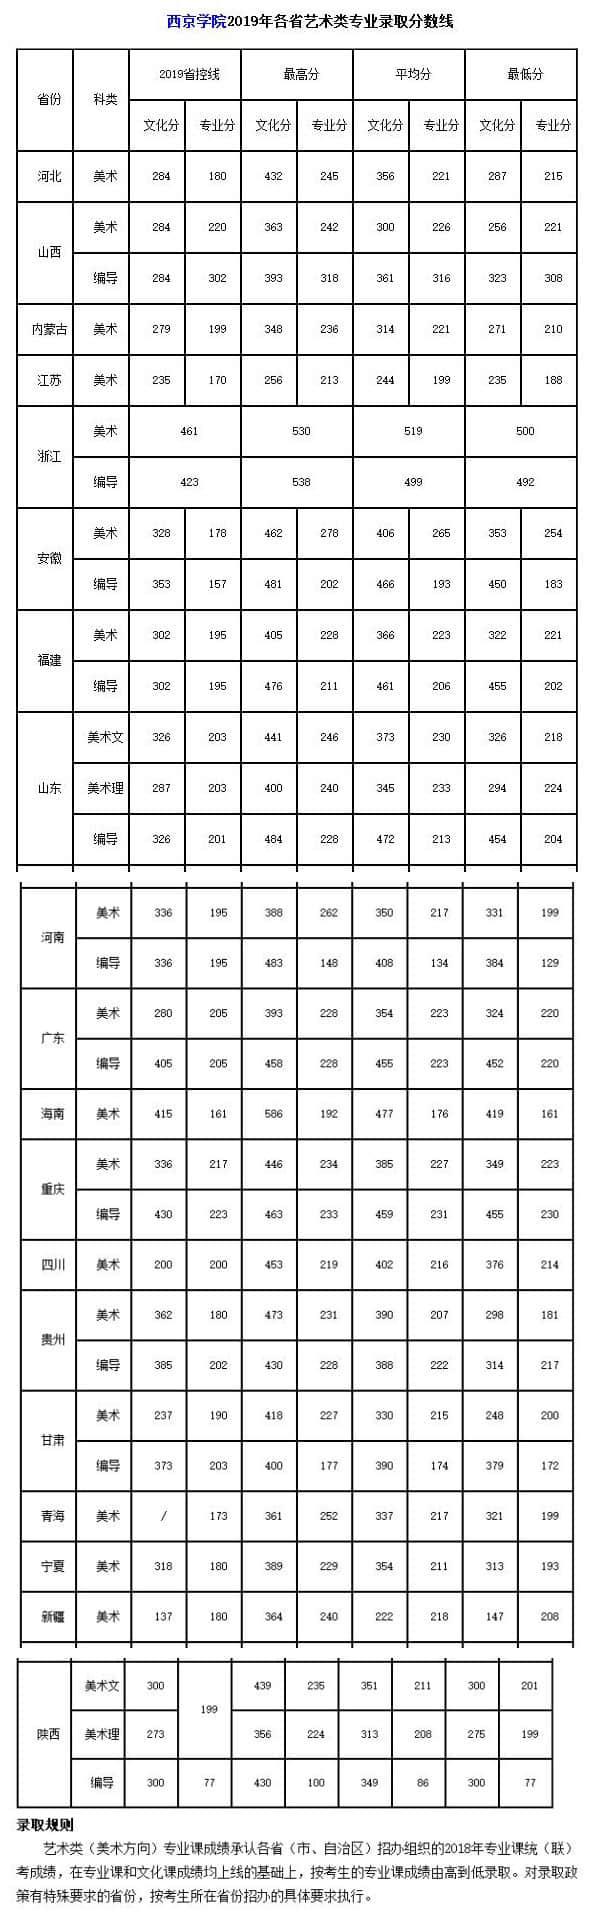 西京学院视觉传达设计专业录取分数线